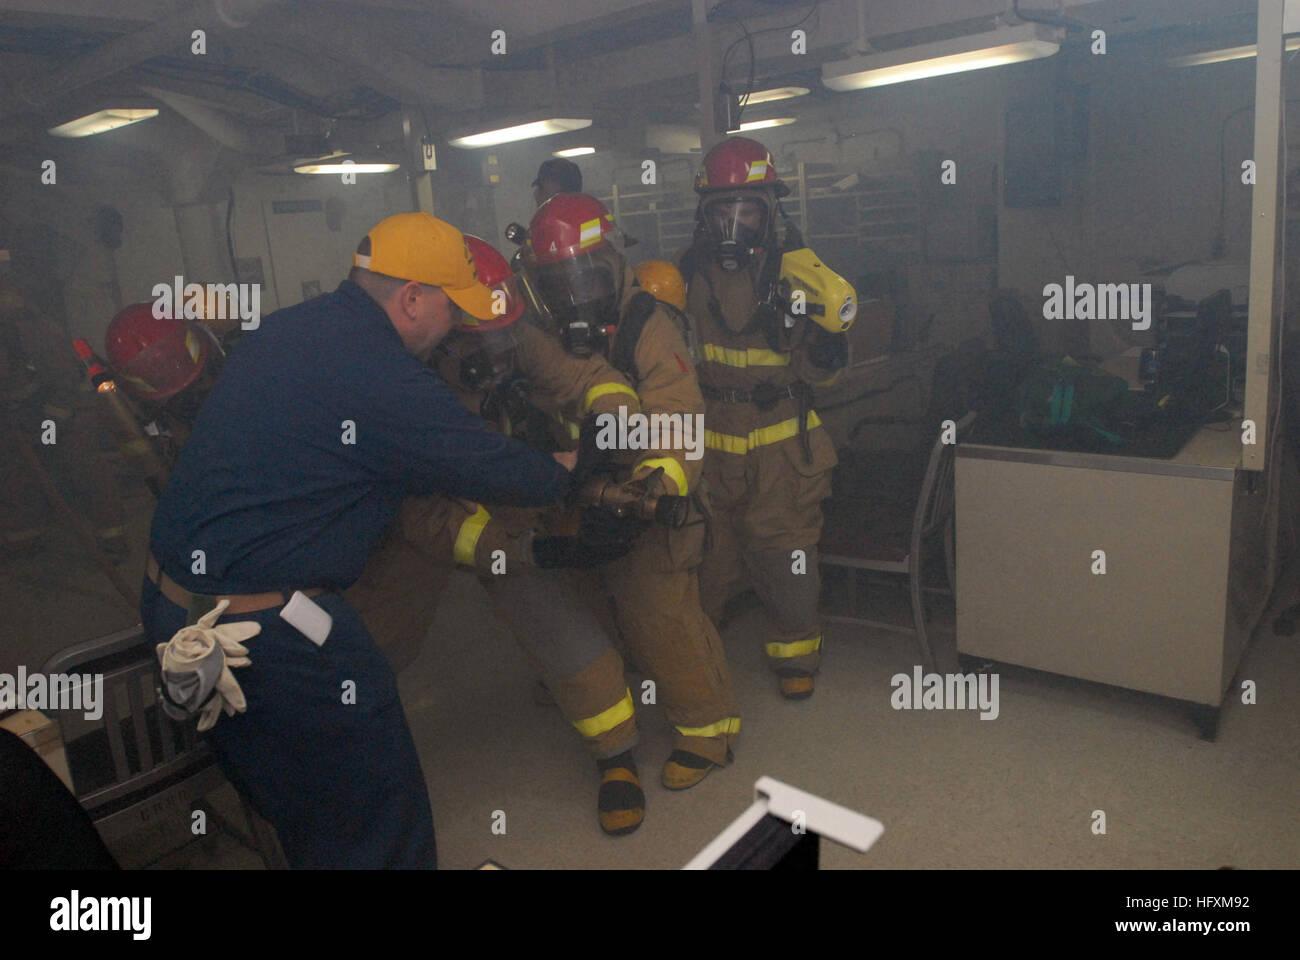 090704-N-5749W-303 de la mer d'Oman (4 juillet 2009) Chef machiniste 4400 Mark McQuate charge une équipe de lutte contre les incendies au cours de la formation générale quarts à bord du porte-avions USS Ronald Reagan (CVN 76). Ronald Reagan est déployé sur le 5e Flotte des États-Unis zone de responsabilité. (U.S. Photo par marine Spécialiste de la communication de masse Seaman Lex T. Wenberg/libérés) US Navy 090704-N-5749W-303 Chef machiniste 4400 Mark McQuate charge une équipe de lutte contre les incendies au cours de la formation générale quarts à bord du porte-avions USS Ronald Reagan (CVN 76) Banque D'Images